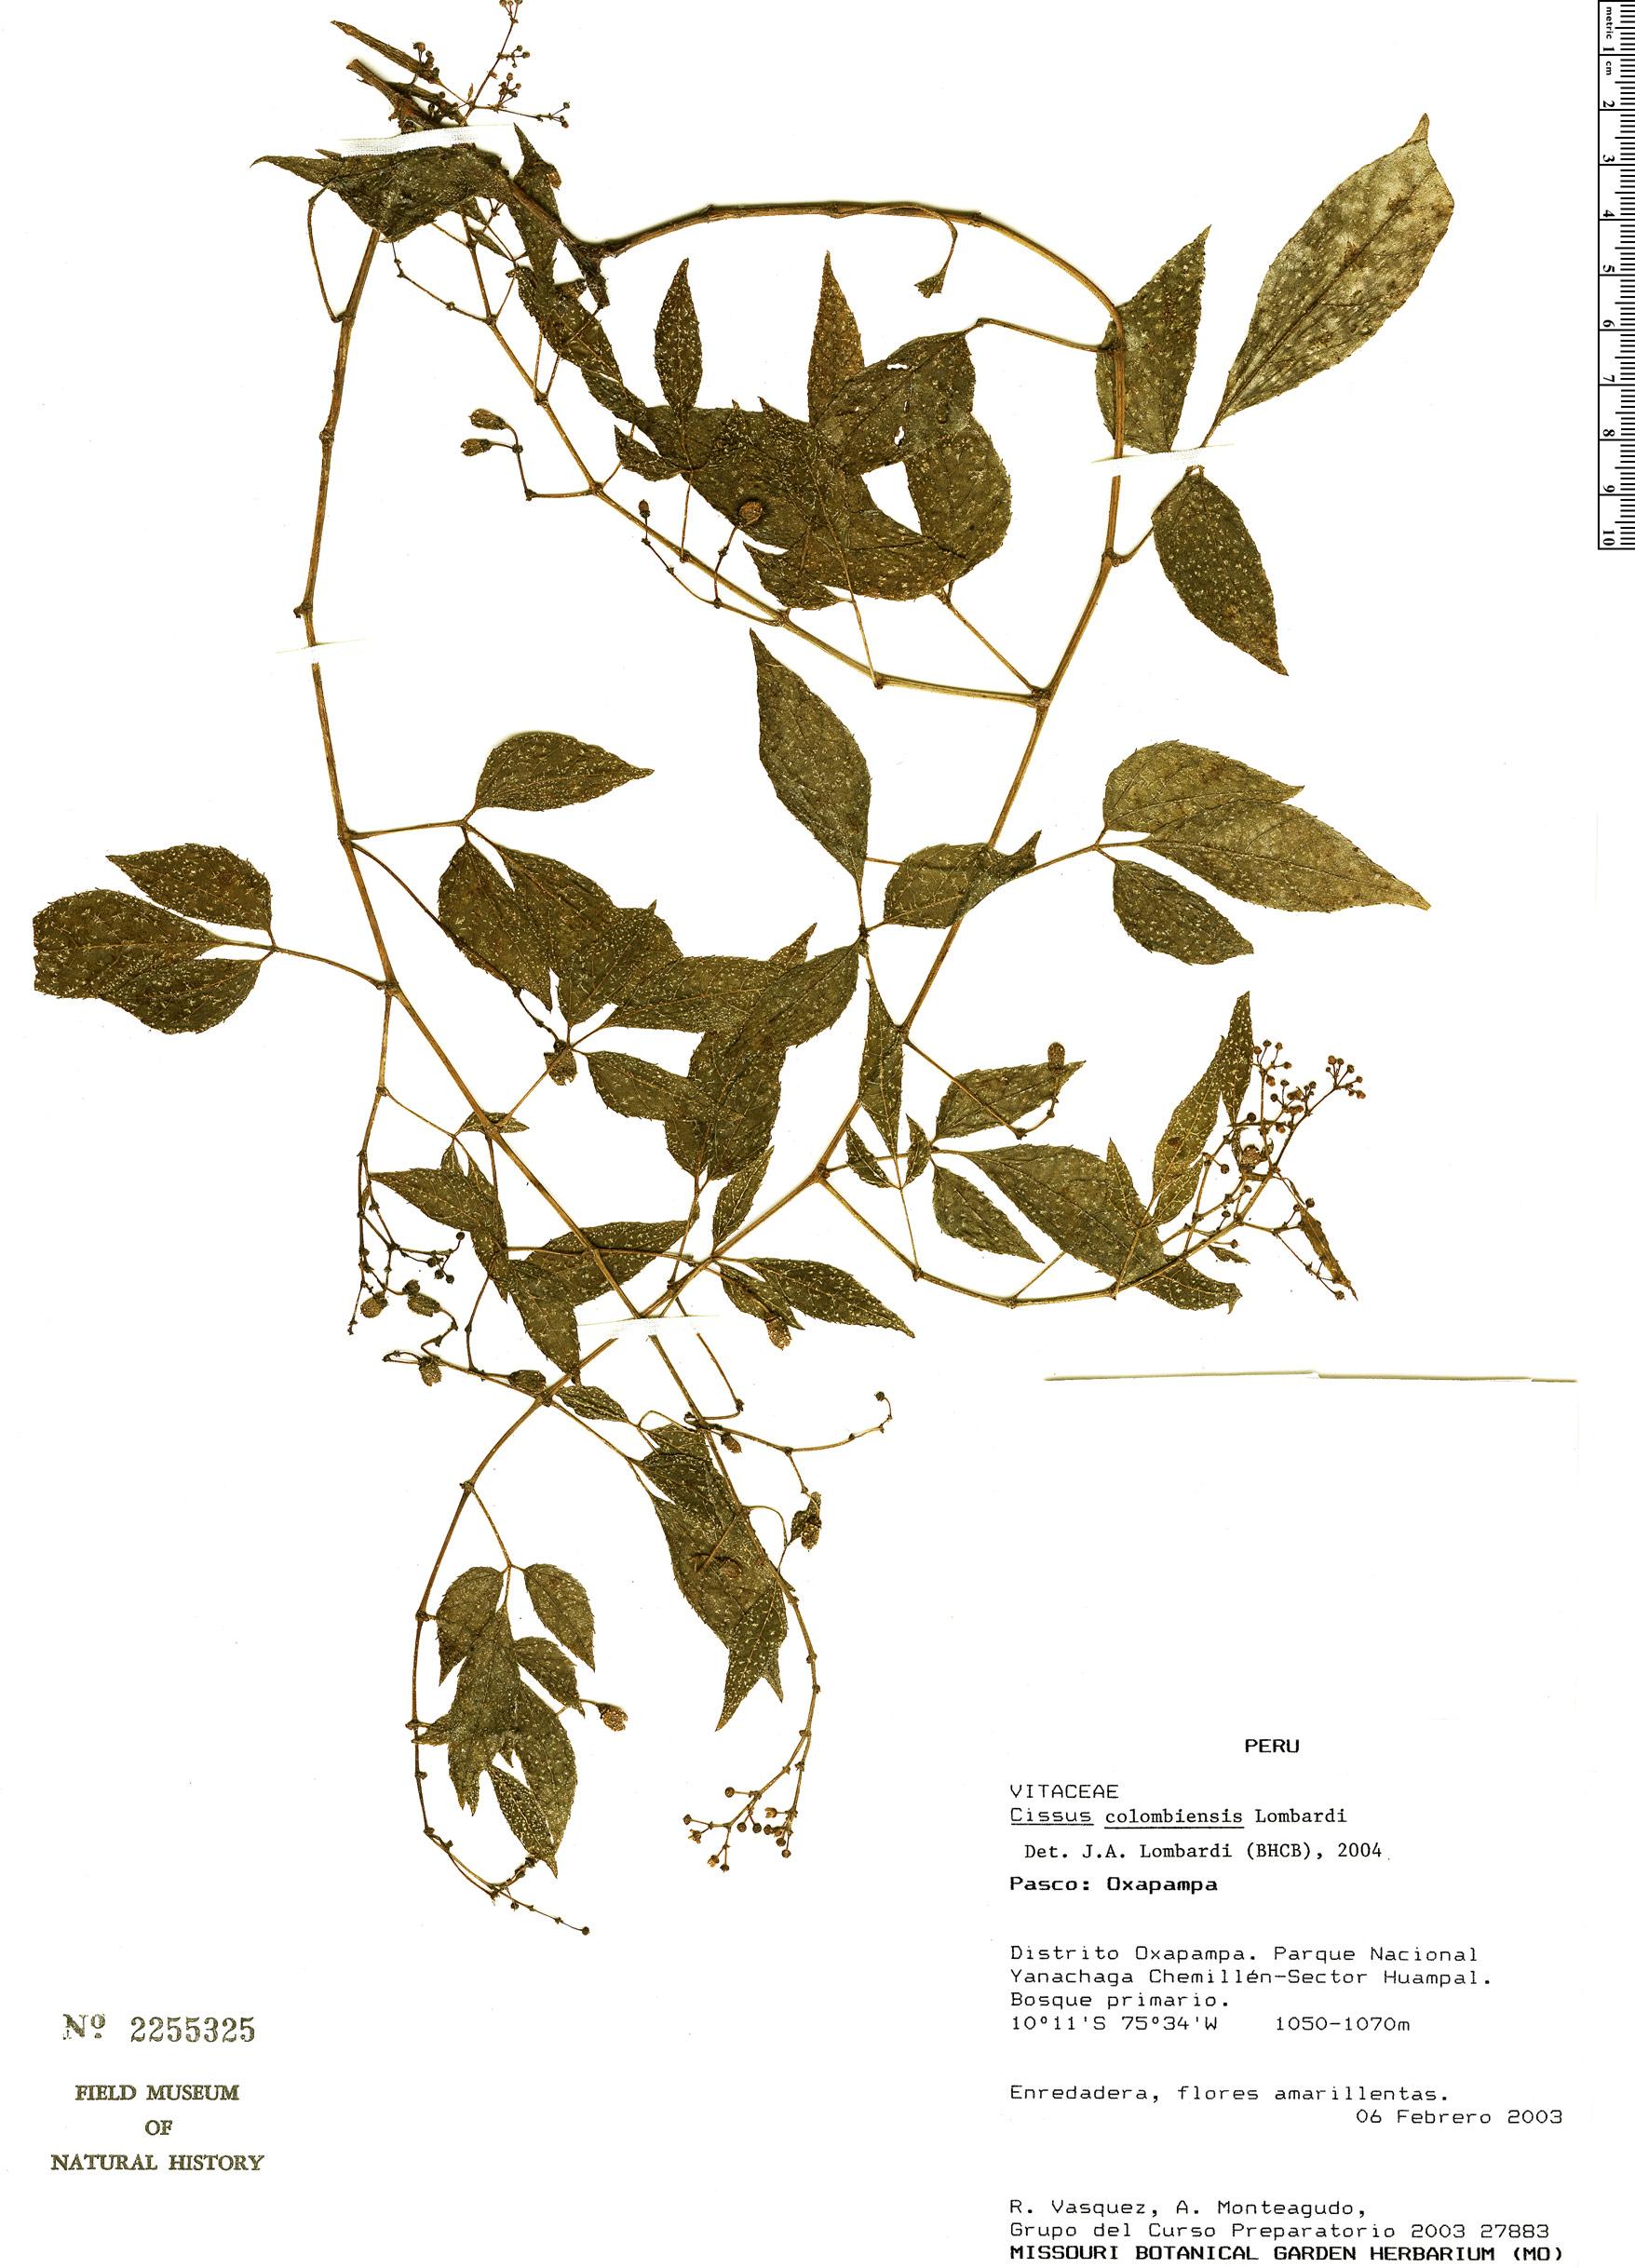 Espécime: Cissus colombiensis